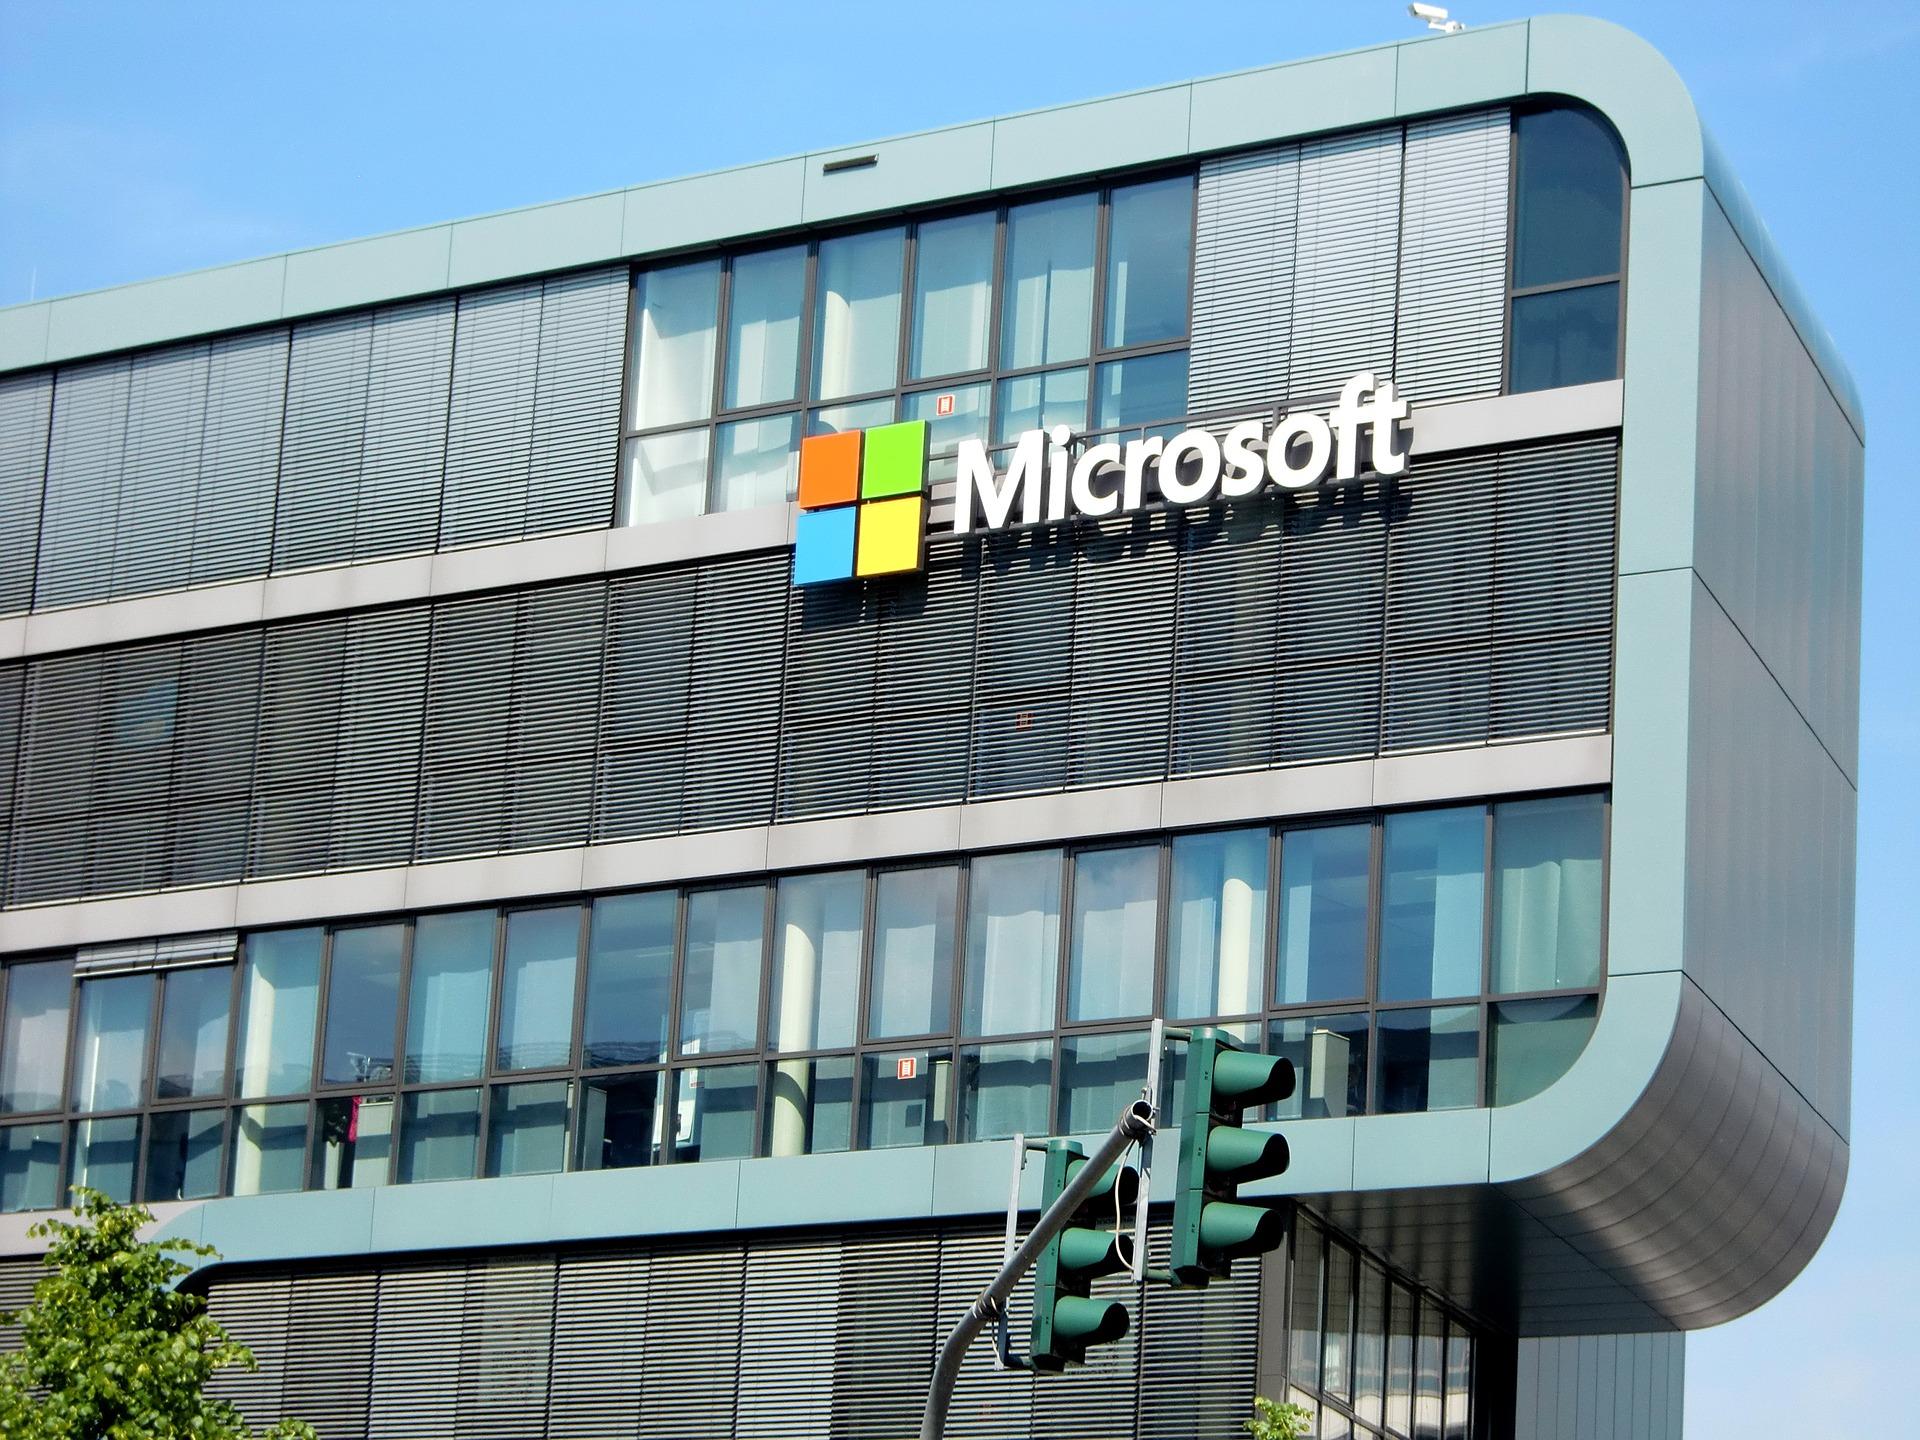 Microsoft demite jornalistas para investir em Inteligência Artificial, diz site